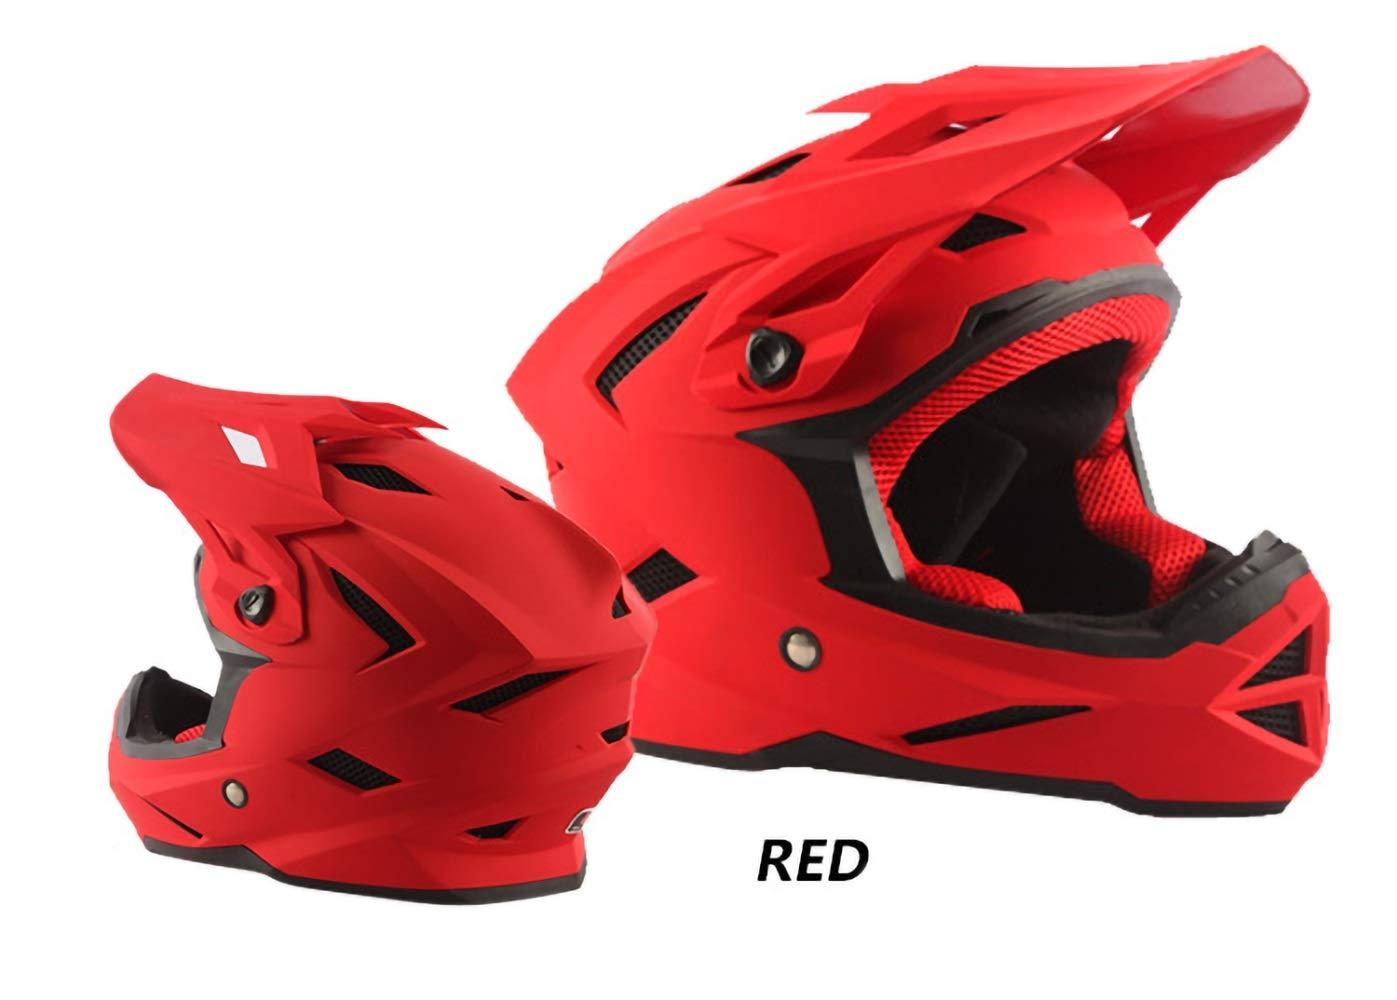 子供用自転車用ヘルメット キッズバイクヘルメット - 幼児から青少年サイズ、3歳から7歳まで調整可能 - 楽しいレーシングデザインの丈夫な子供用自転車ヘルメット男の子と女の子は大好き - CSPCは安全のために認定 (Color : Pattern-01)   B07Q42KM97